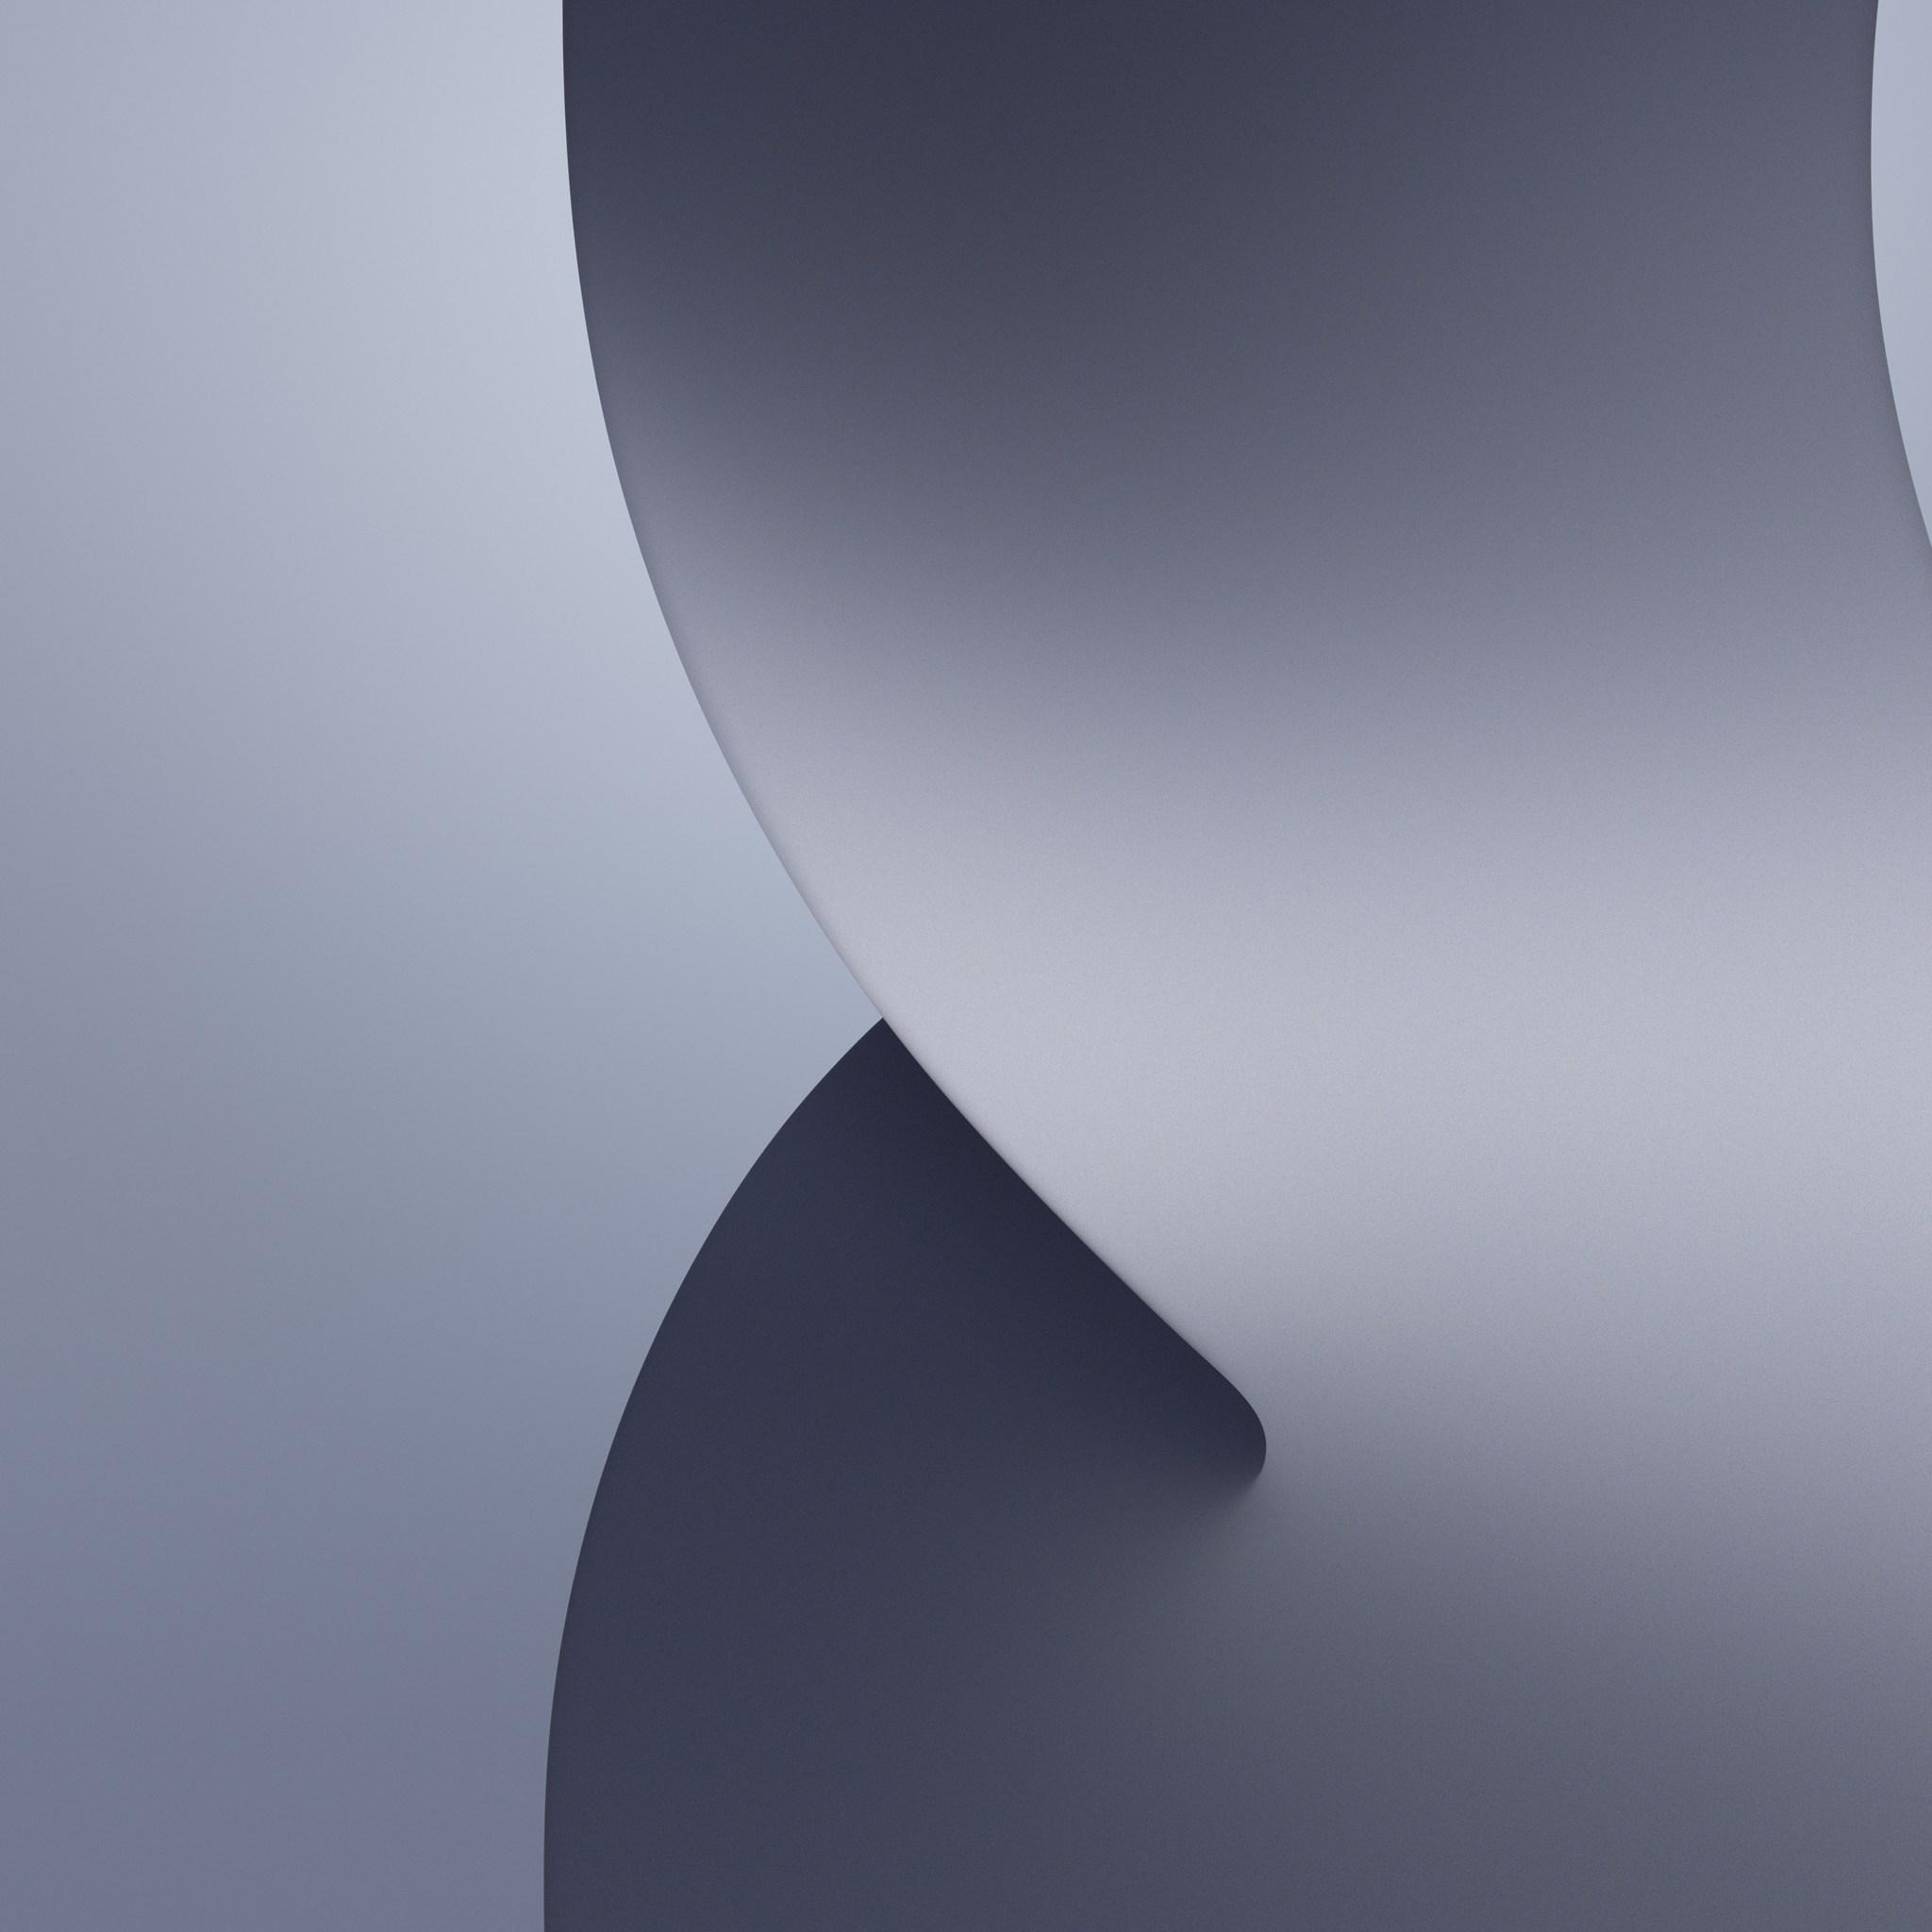 苹果 iOS 14/iPadOS 14 全新壁纸分享